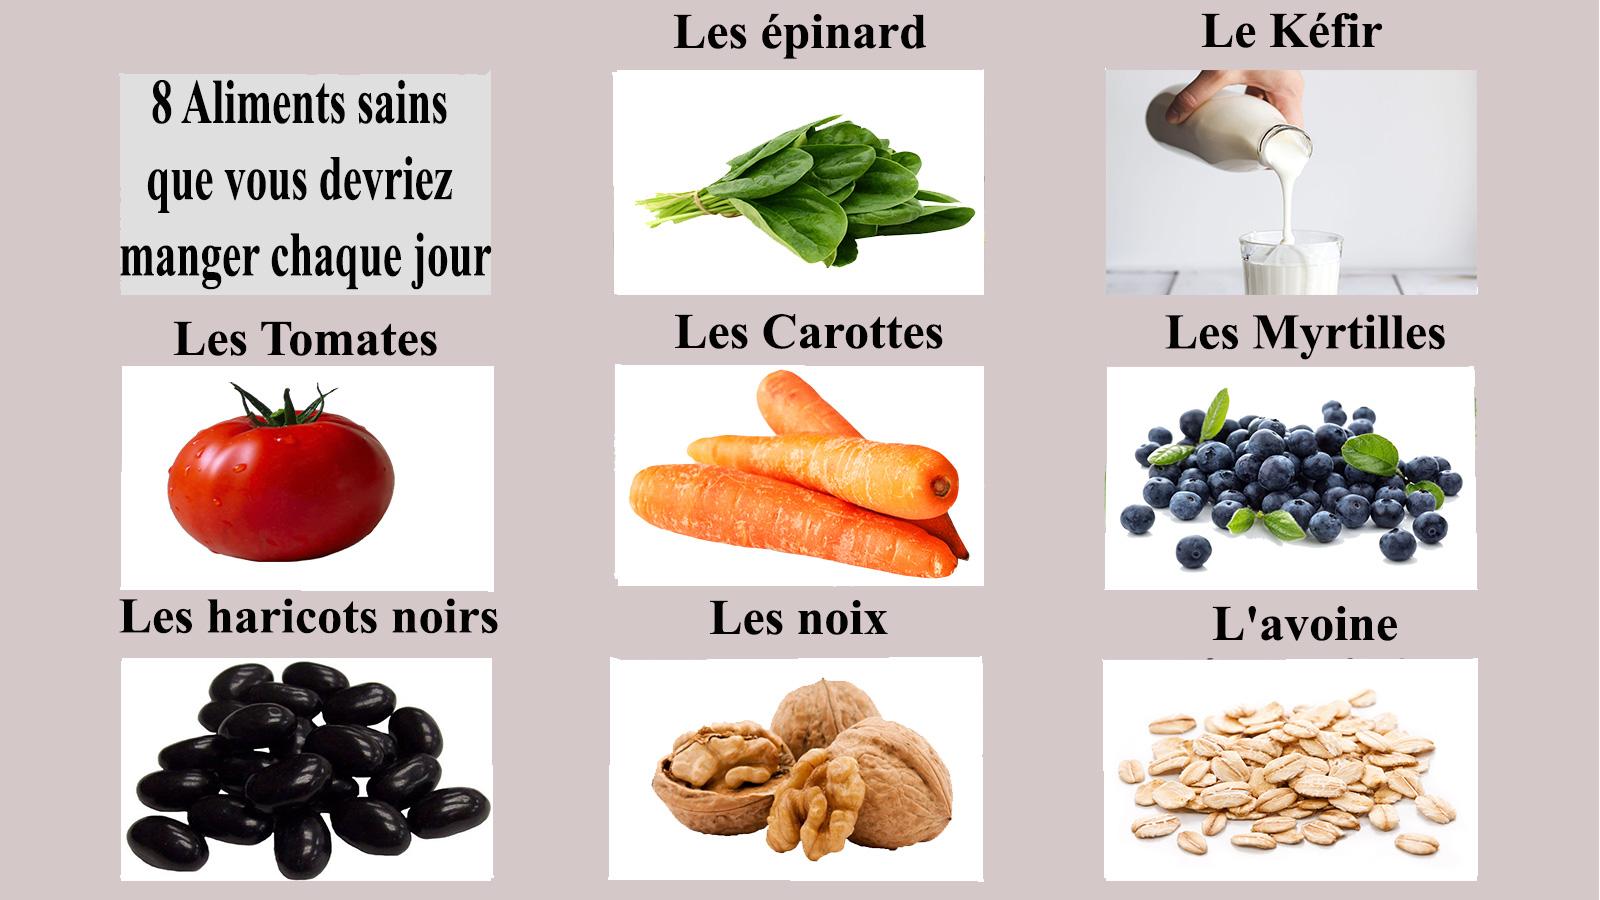 8 Aliments sains que vous devriez manger chaque jour